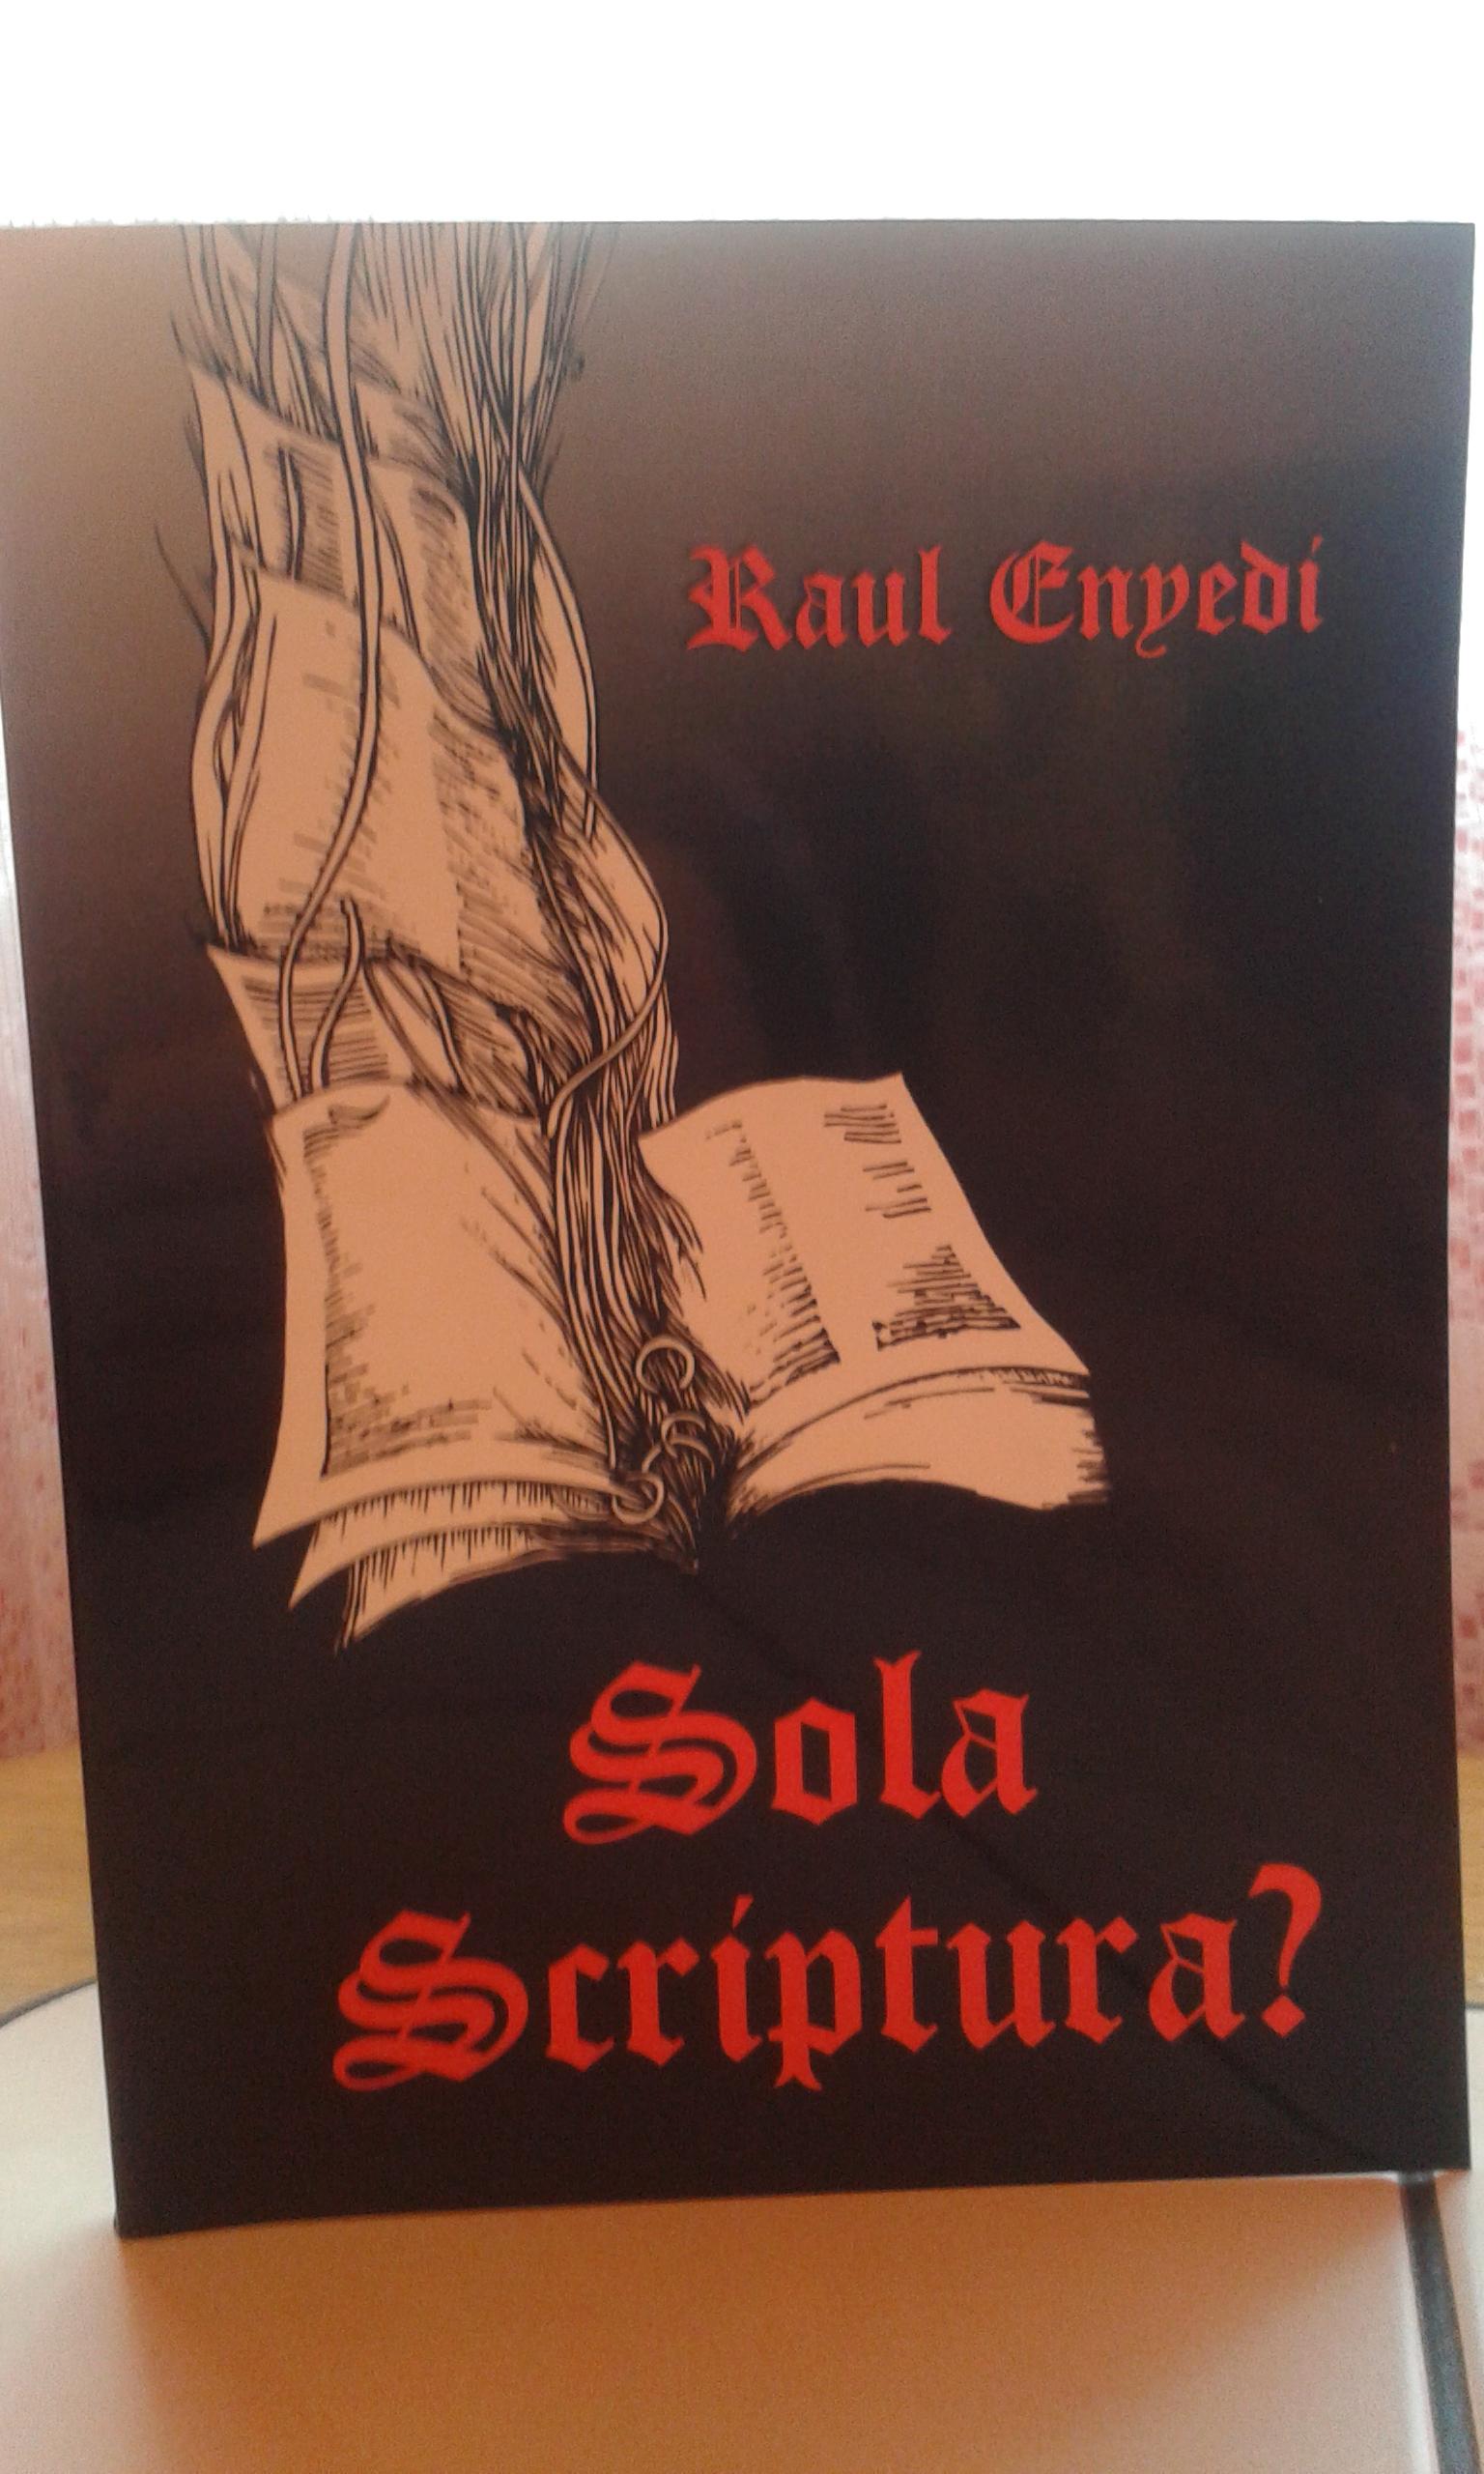 Sola Scriptura?